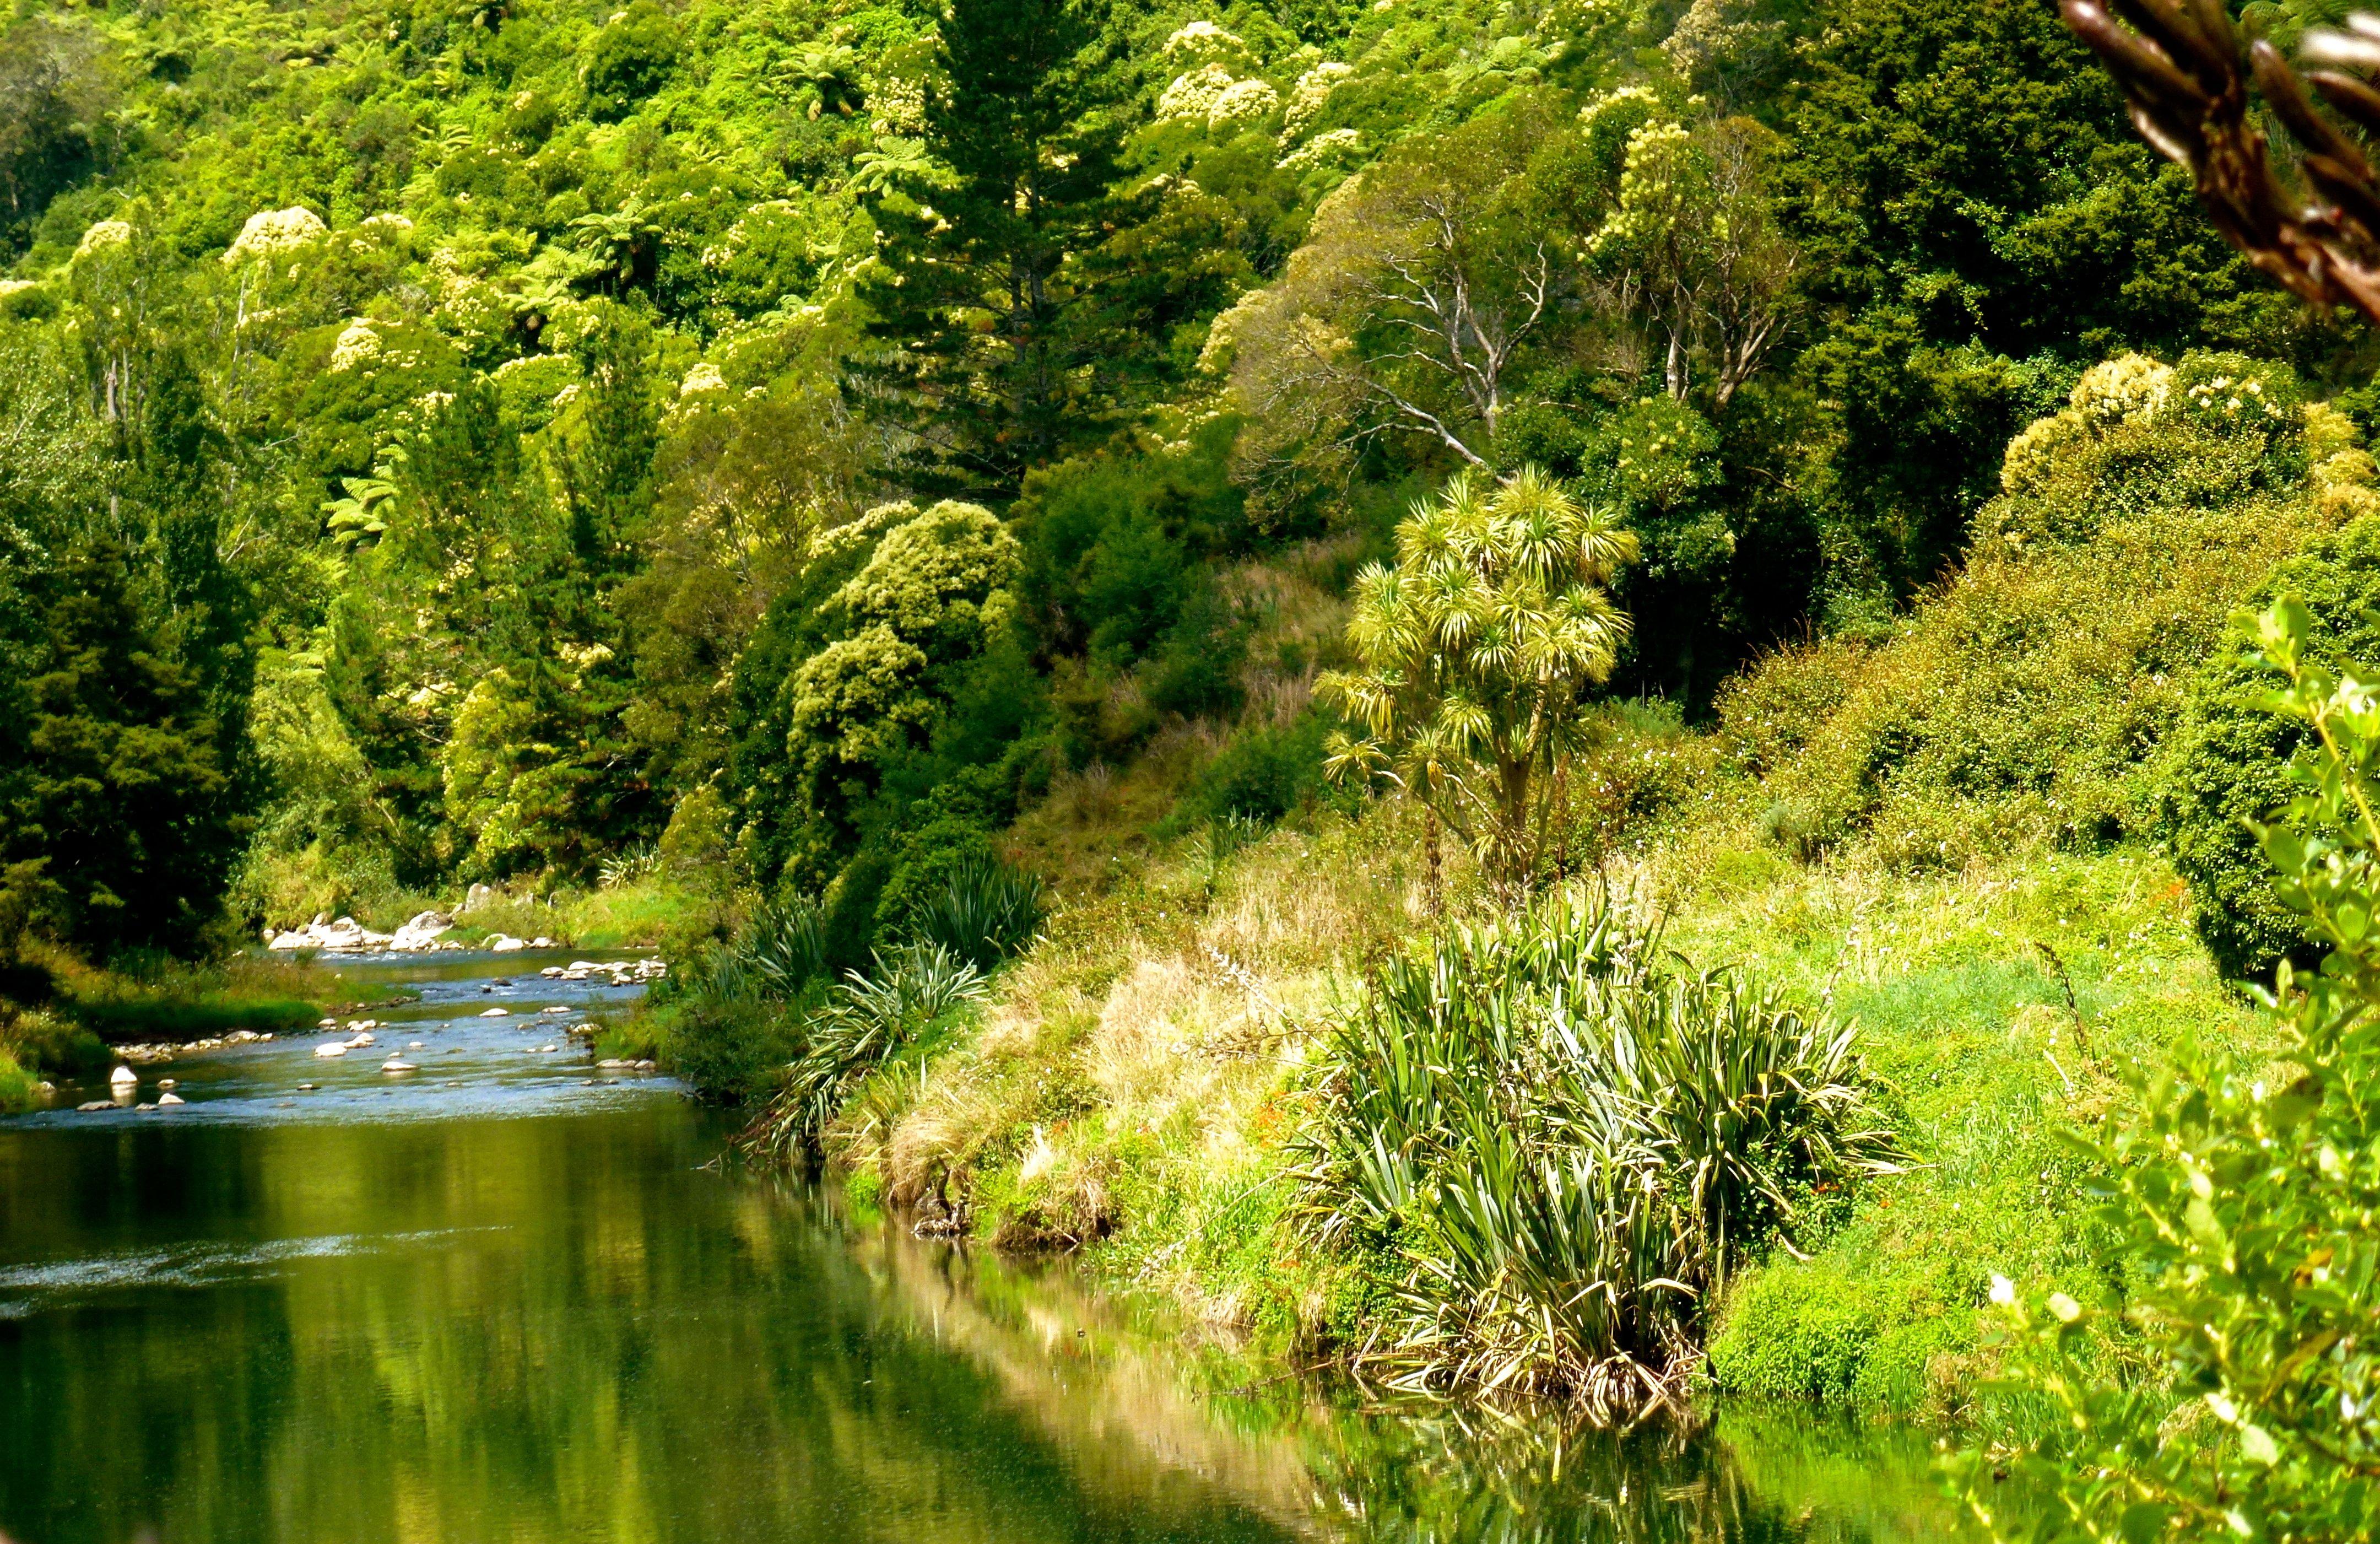 Skachat Oboi Les Reka Priroda Ohinemuri River Razdel Priroda V